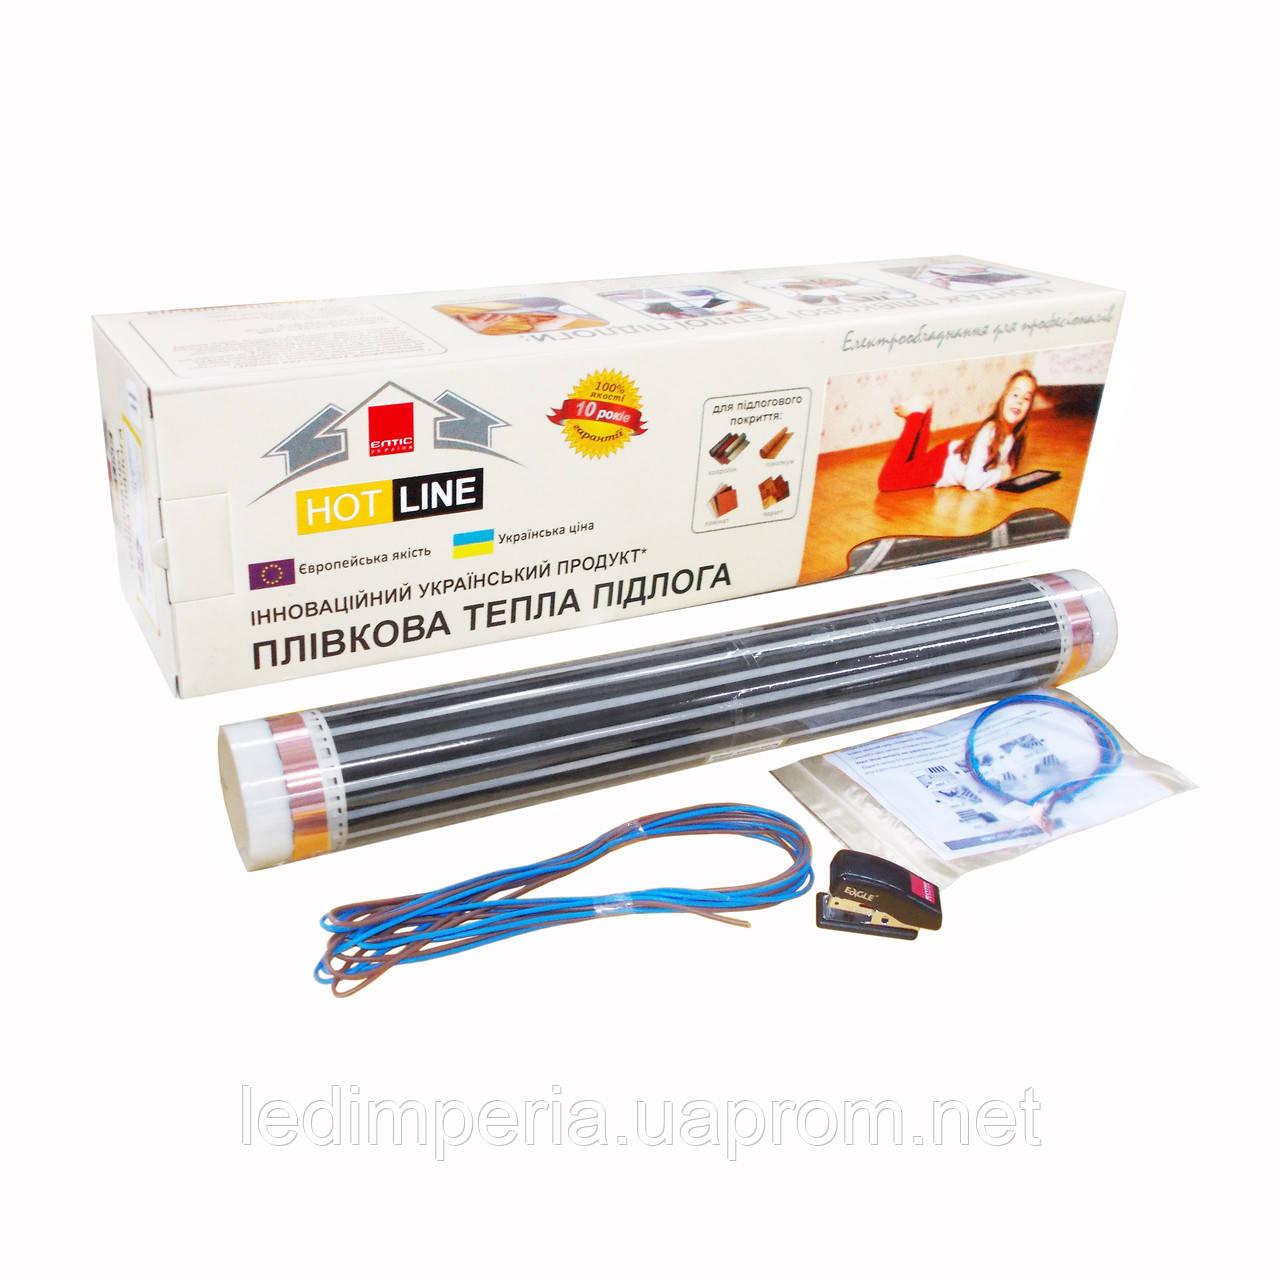 Комплект пленочного теплого пола Элтис HOT LINE ПП-10 (10кв. м.)